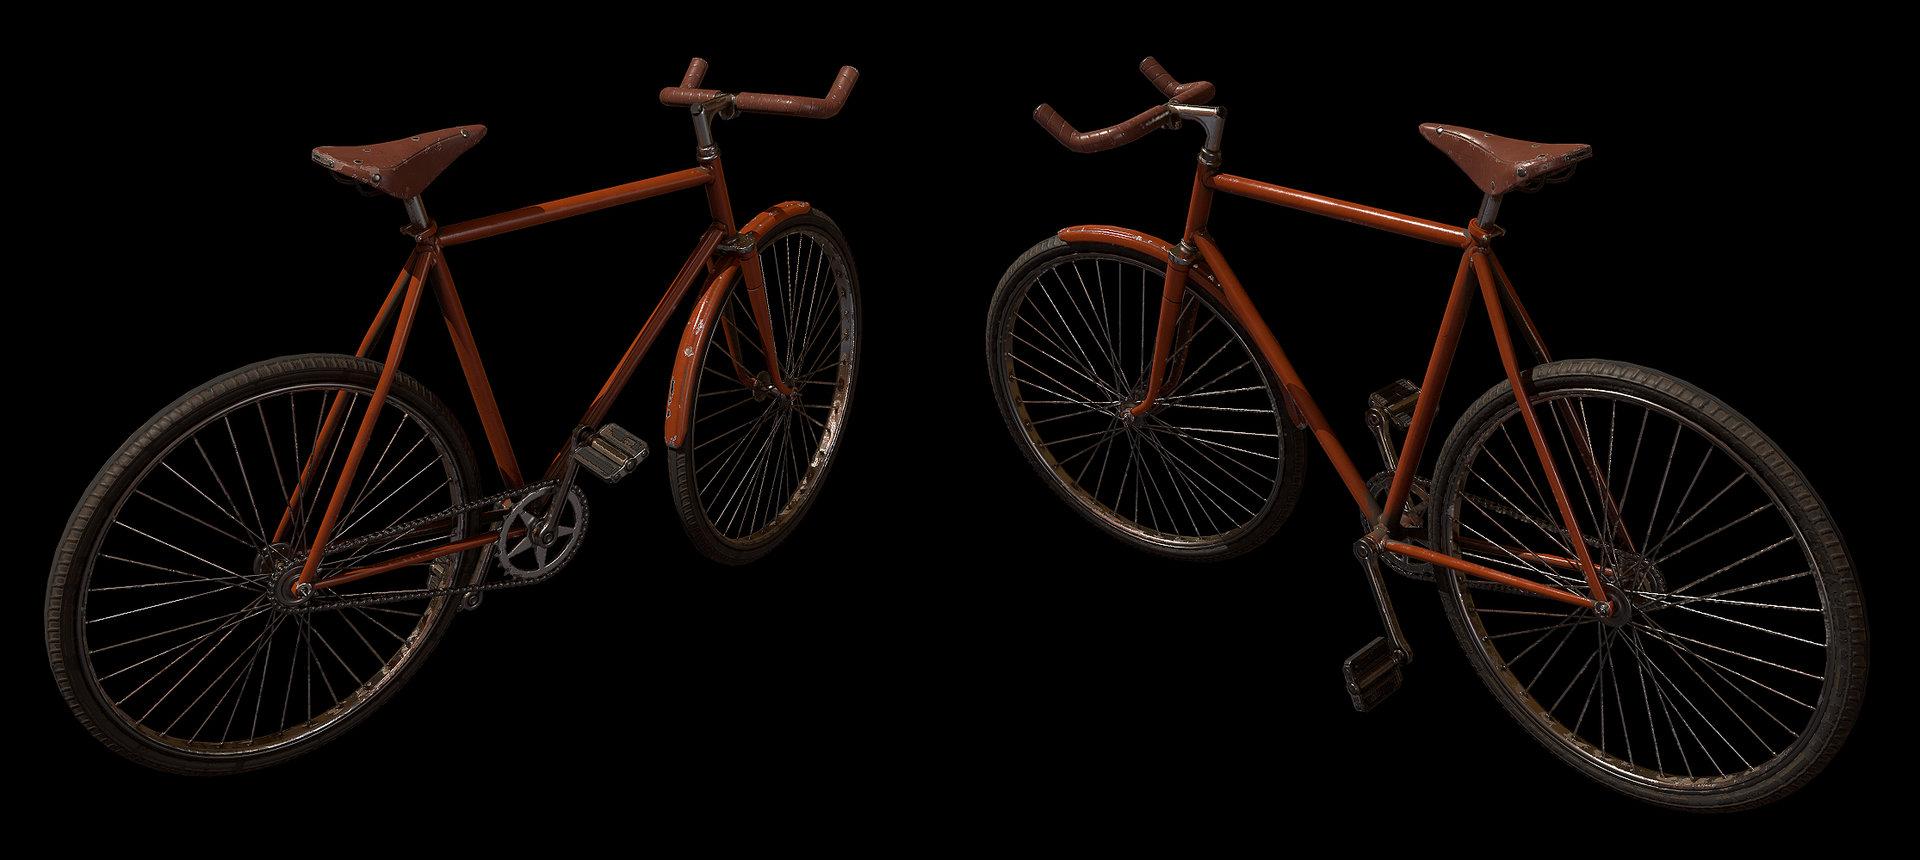 liam-tart-bike-01.jpg?1436126827